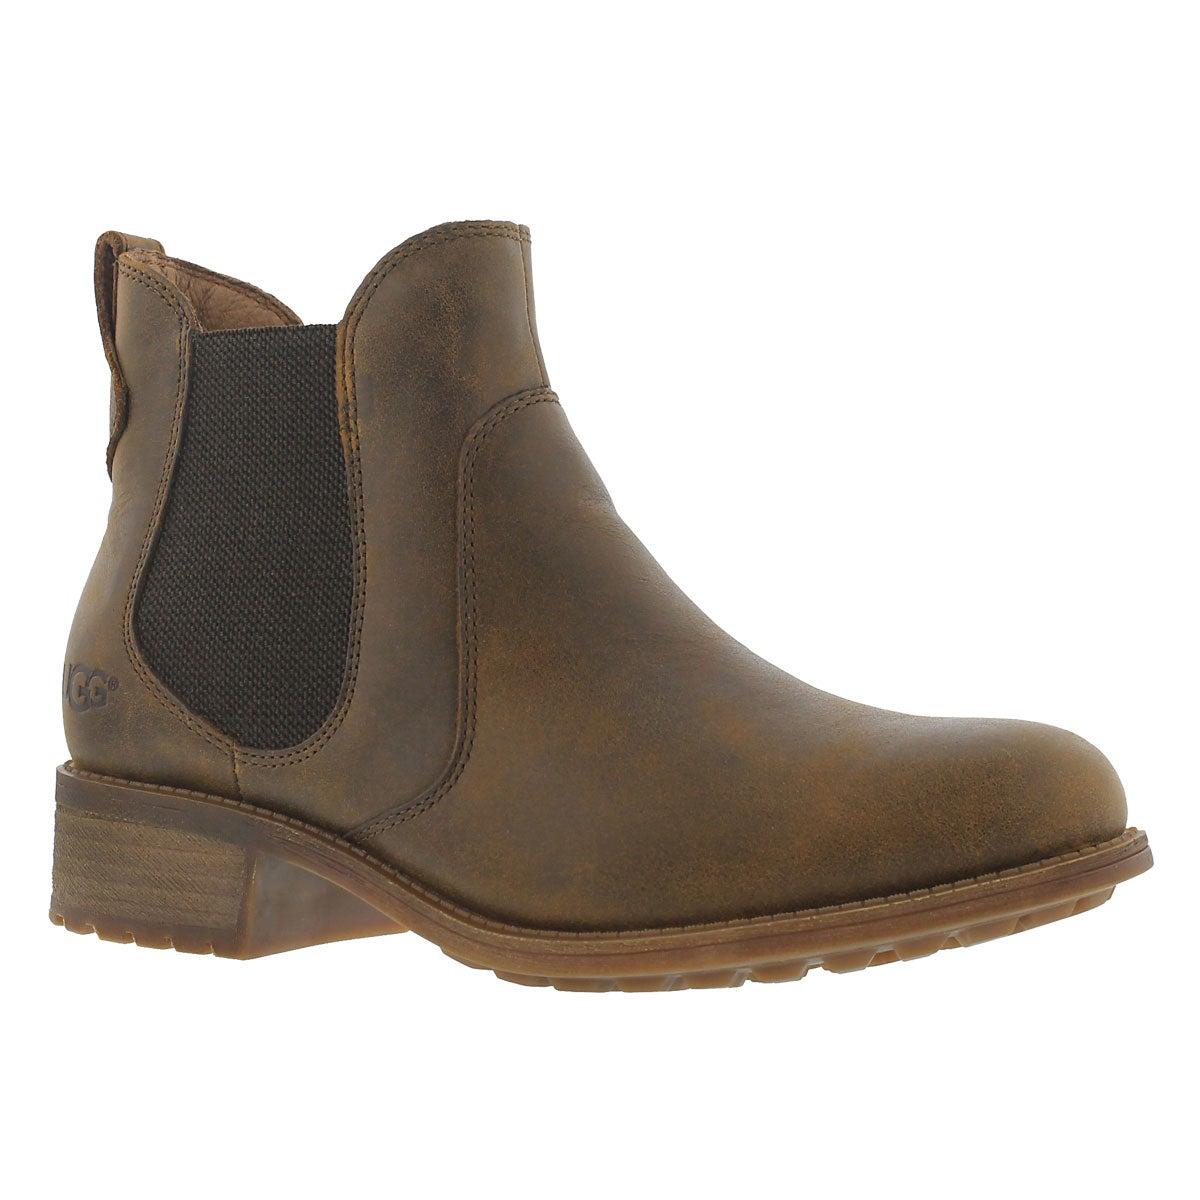 Women's BONHAM stout chelsea boots